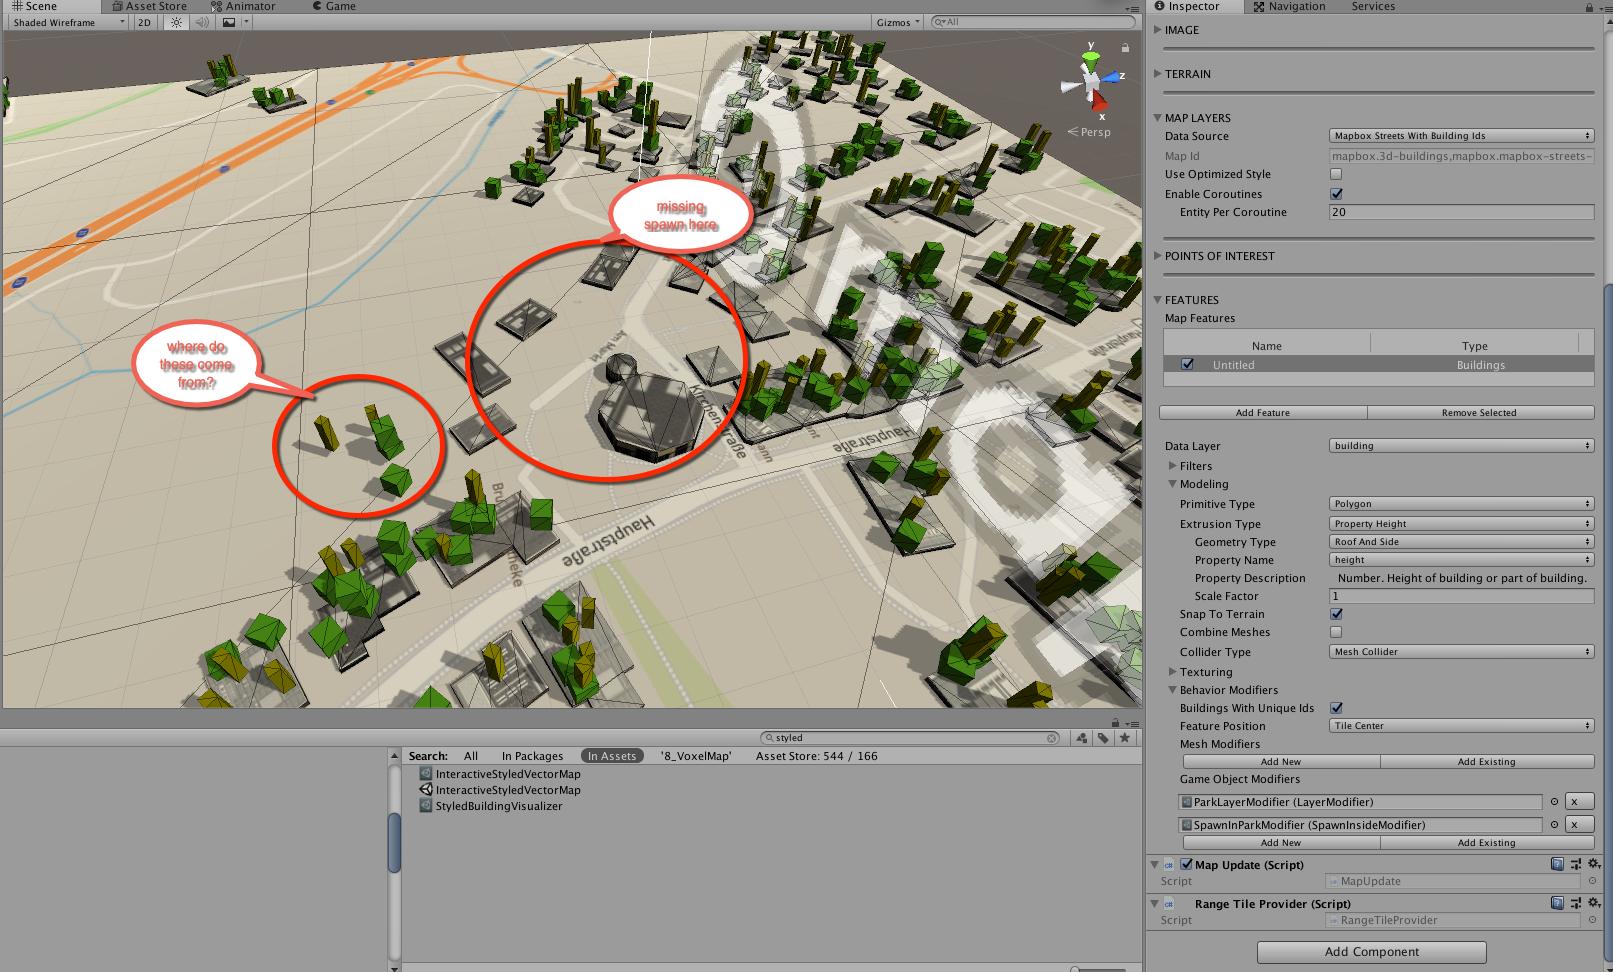 SpwanInsideModifier on recycled tiles · Issue #1130 · mapbox/mapbox